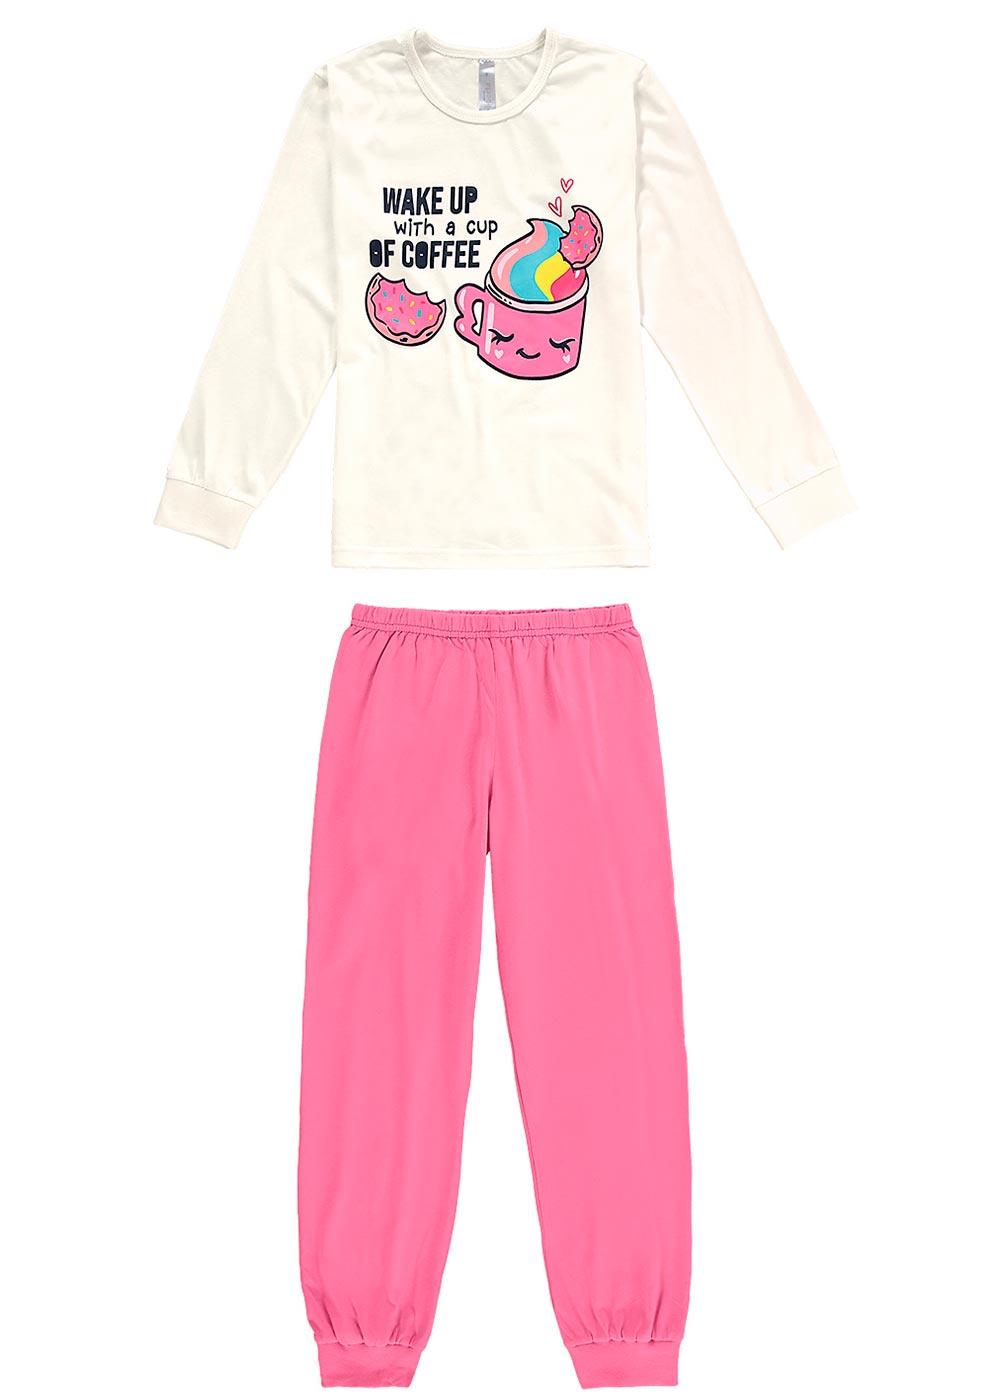 Pijama Infantil Feminino Inverno Branco Coffee Malwee